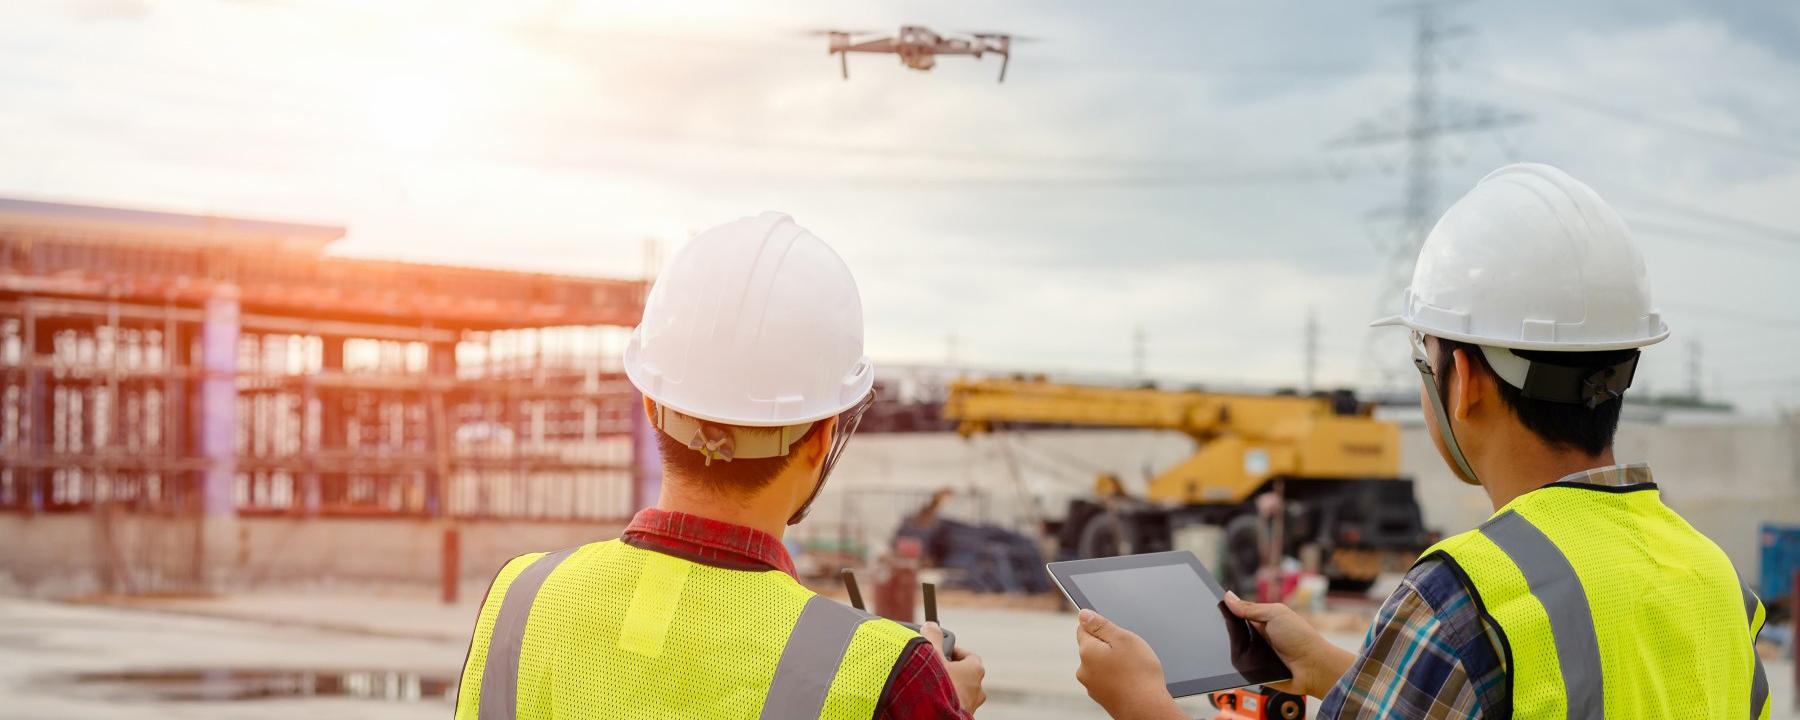 Jornada. Presentación del curso de piloto de dron con la nueva reglamentación europea